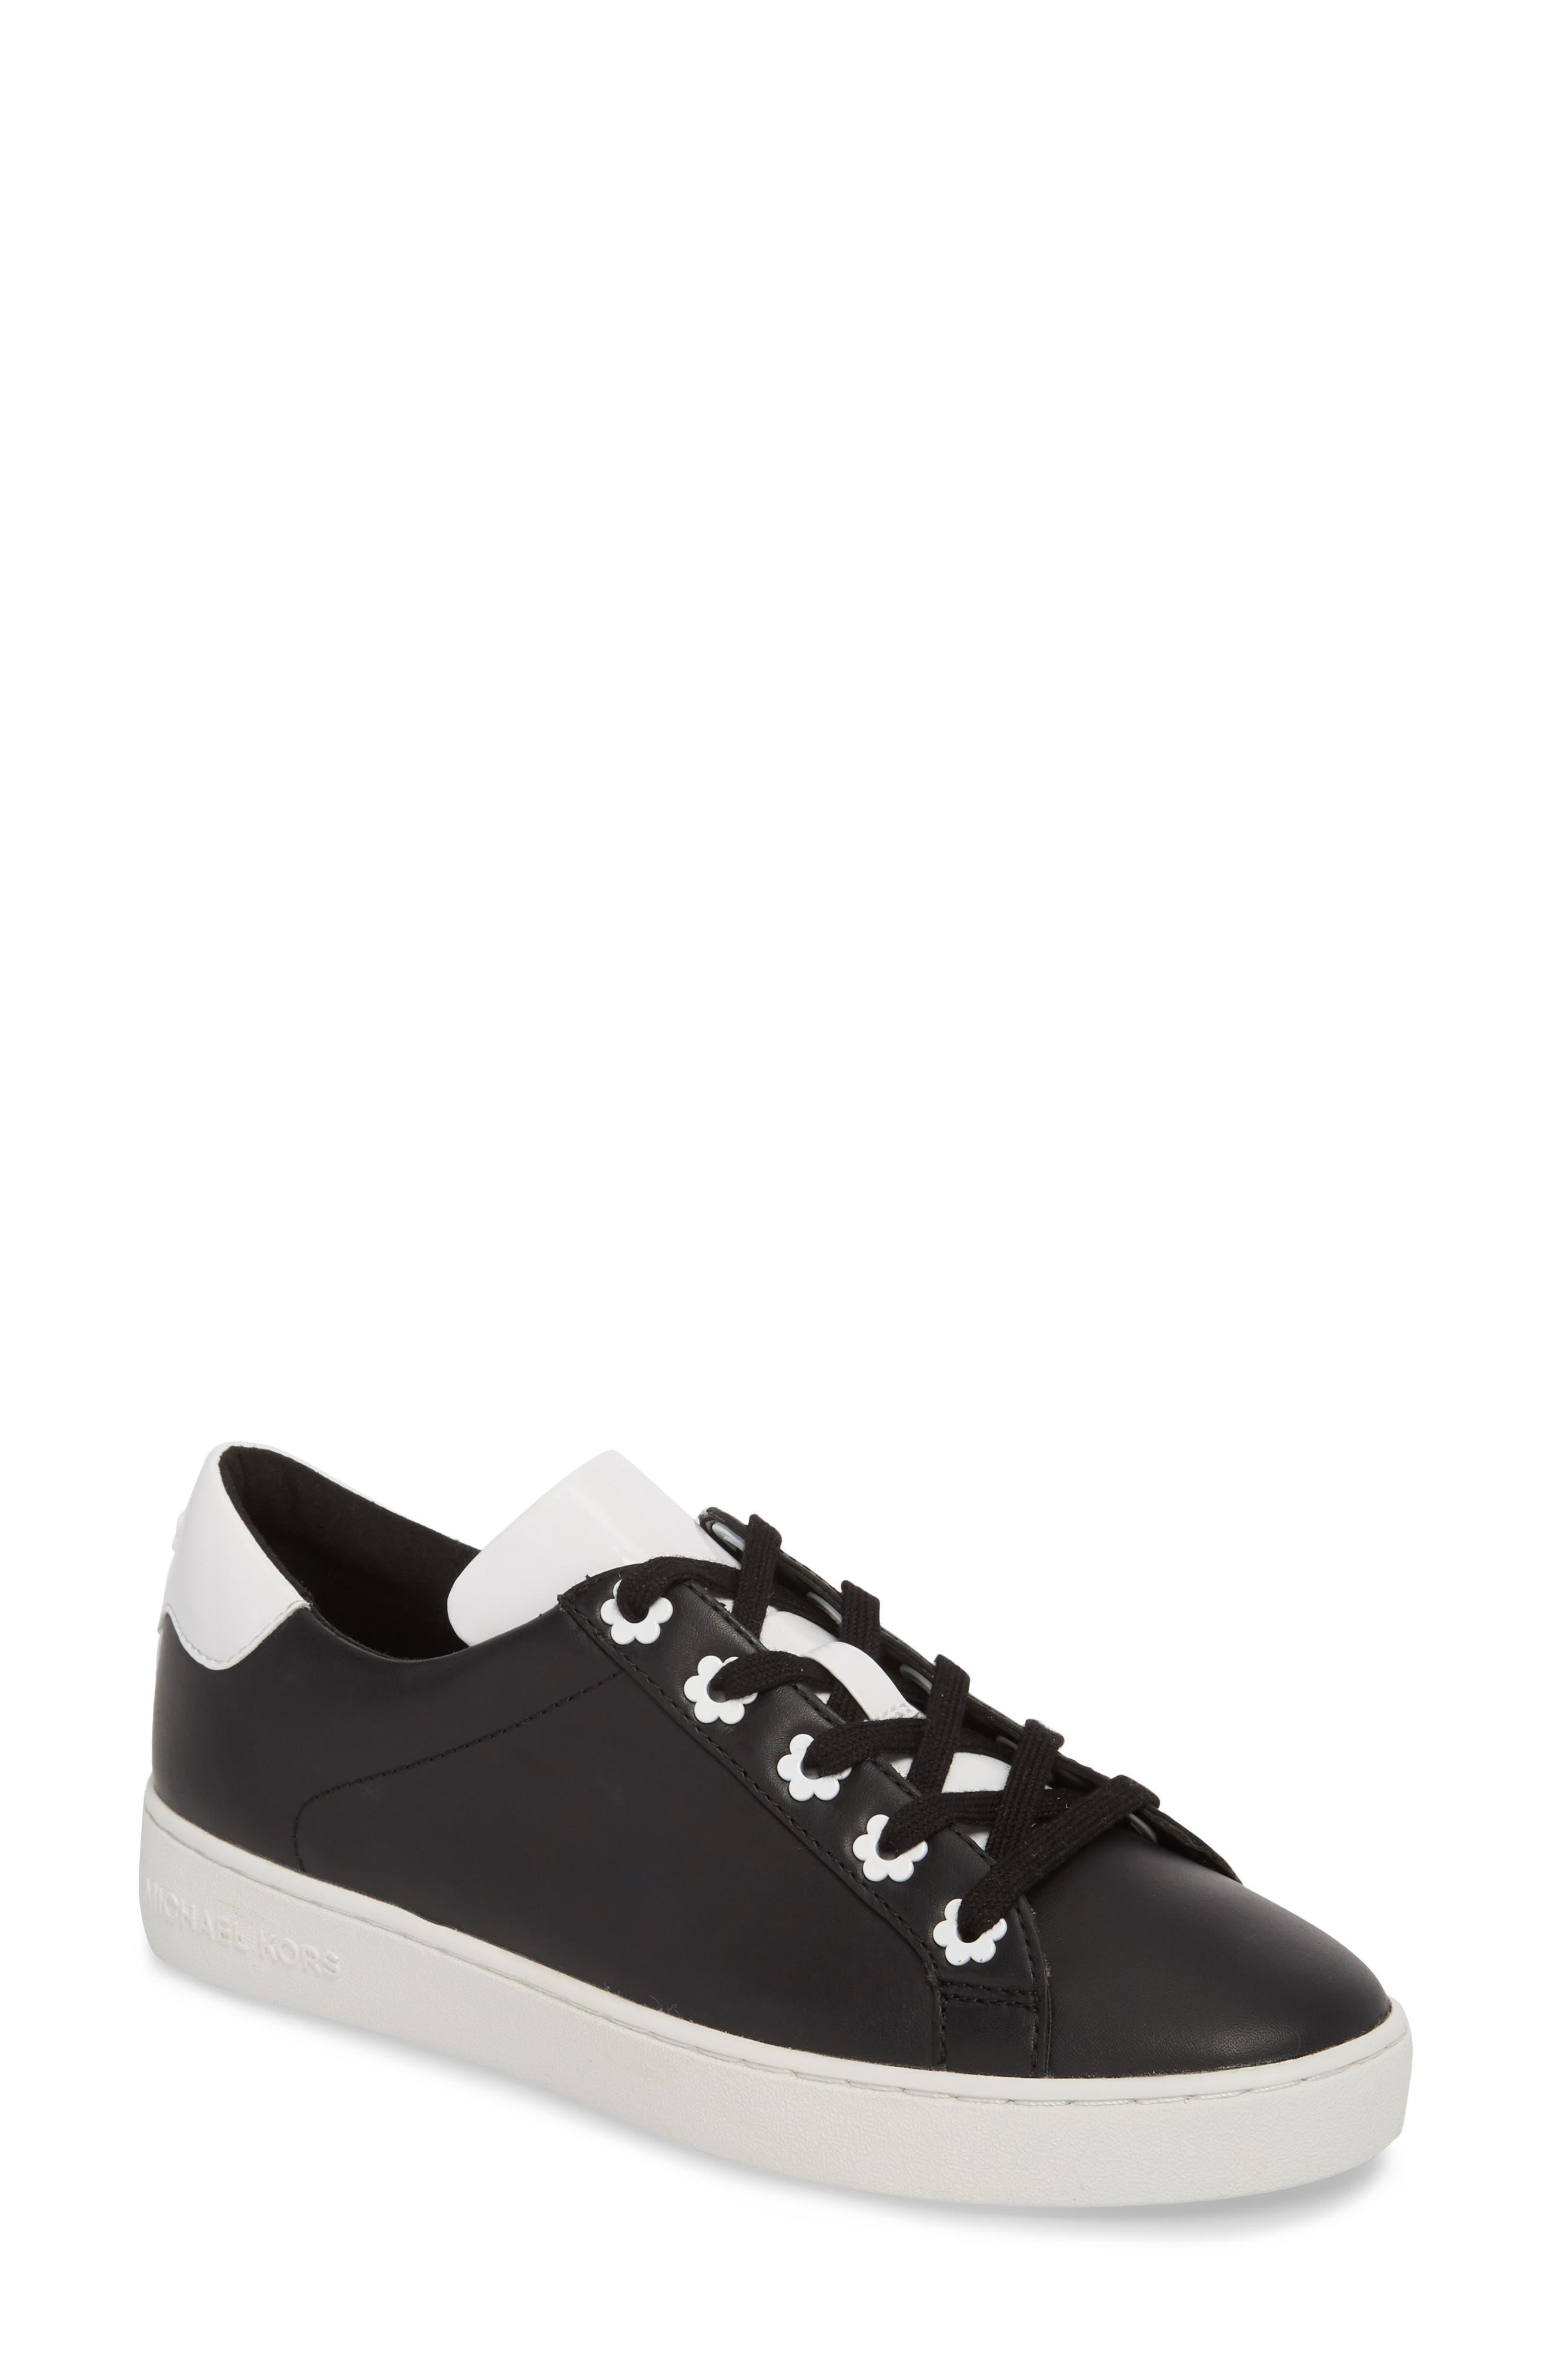 Irving Sneaker,                         Main,                         color, Black/ Optic White